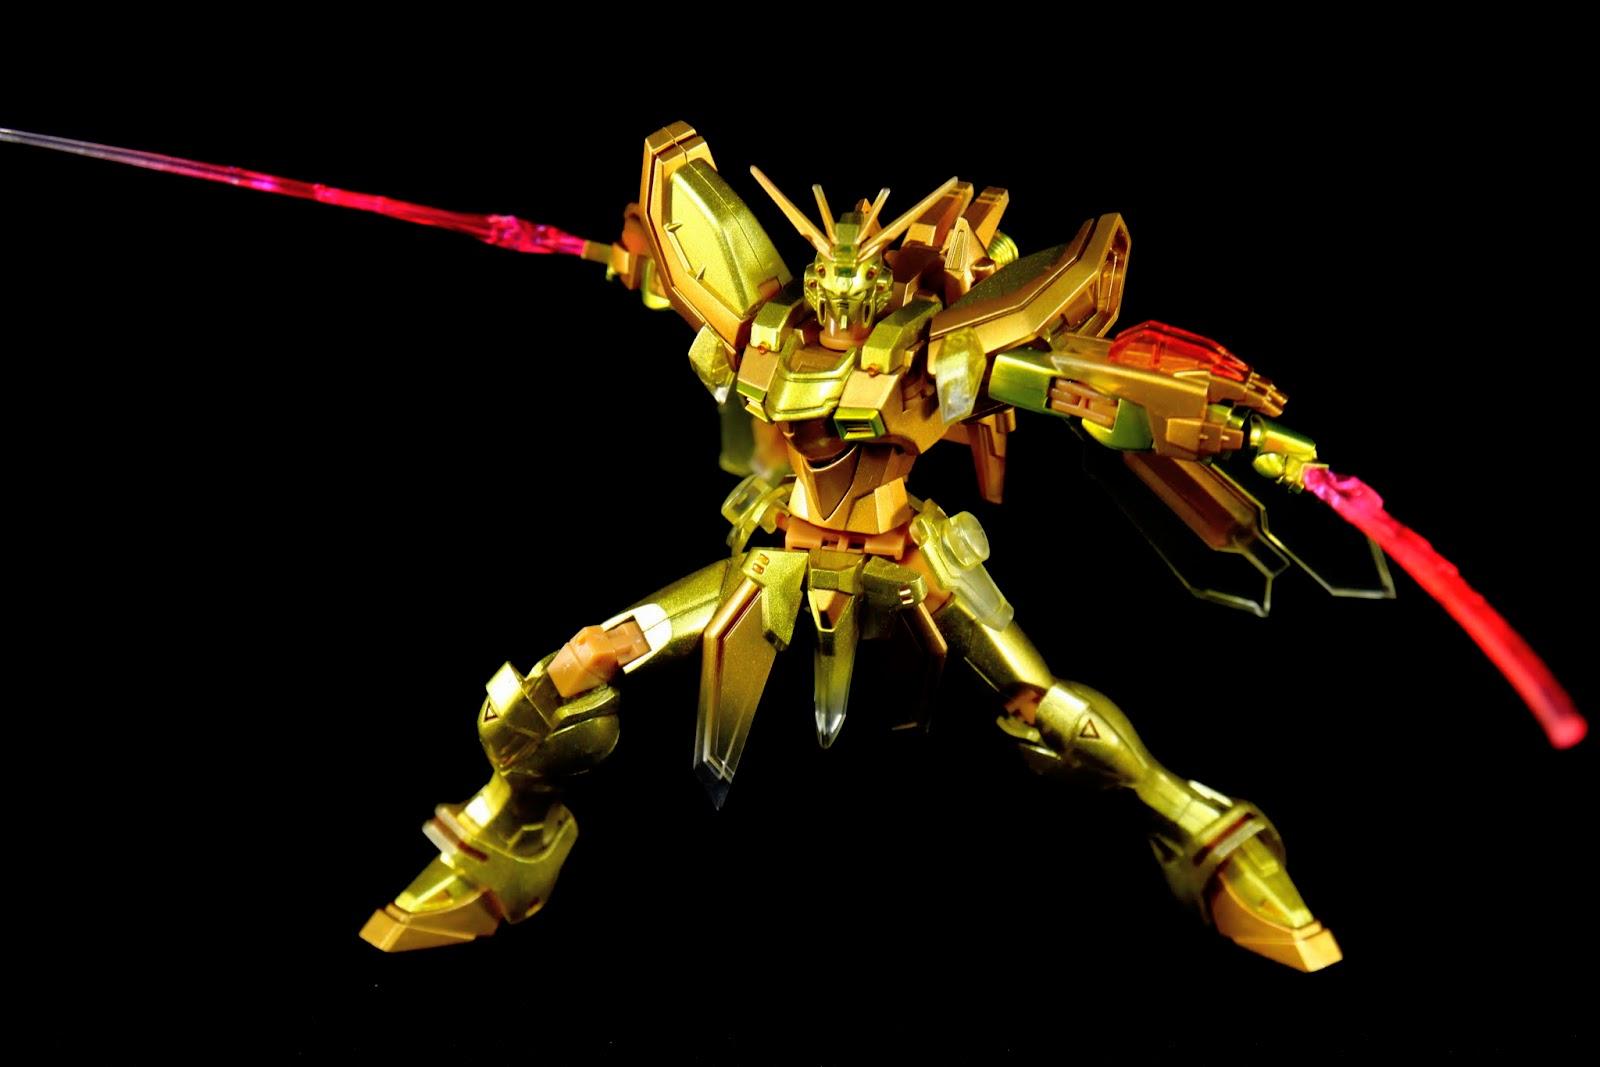 光束刀配件也是符合原作的武士刀外貌